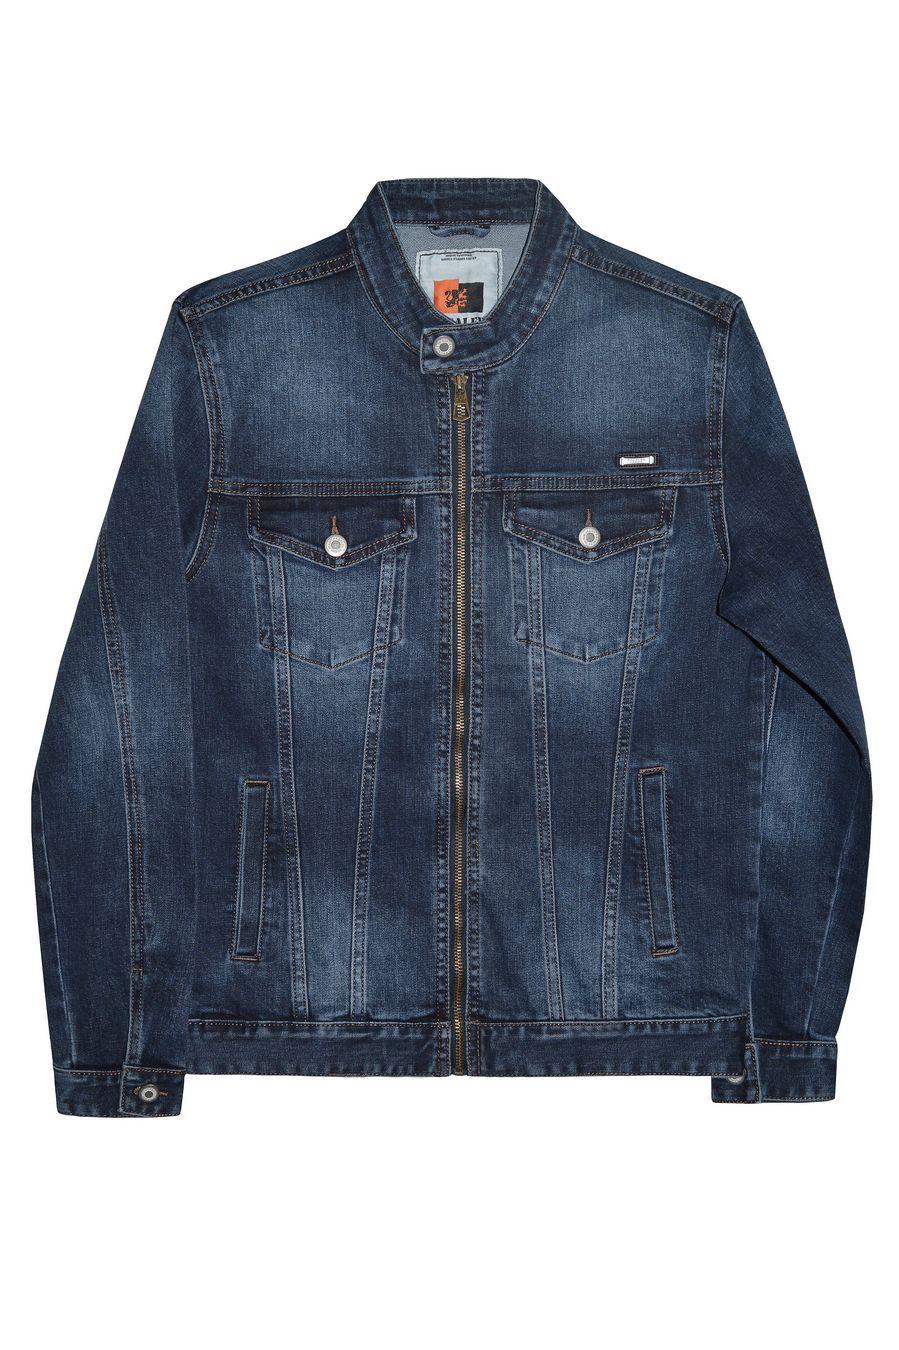 Пиджак мужской (джинсовка) Pagalee P8031 - фото 1